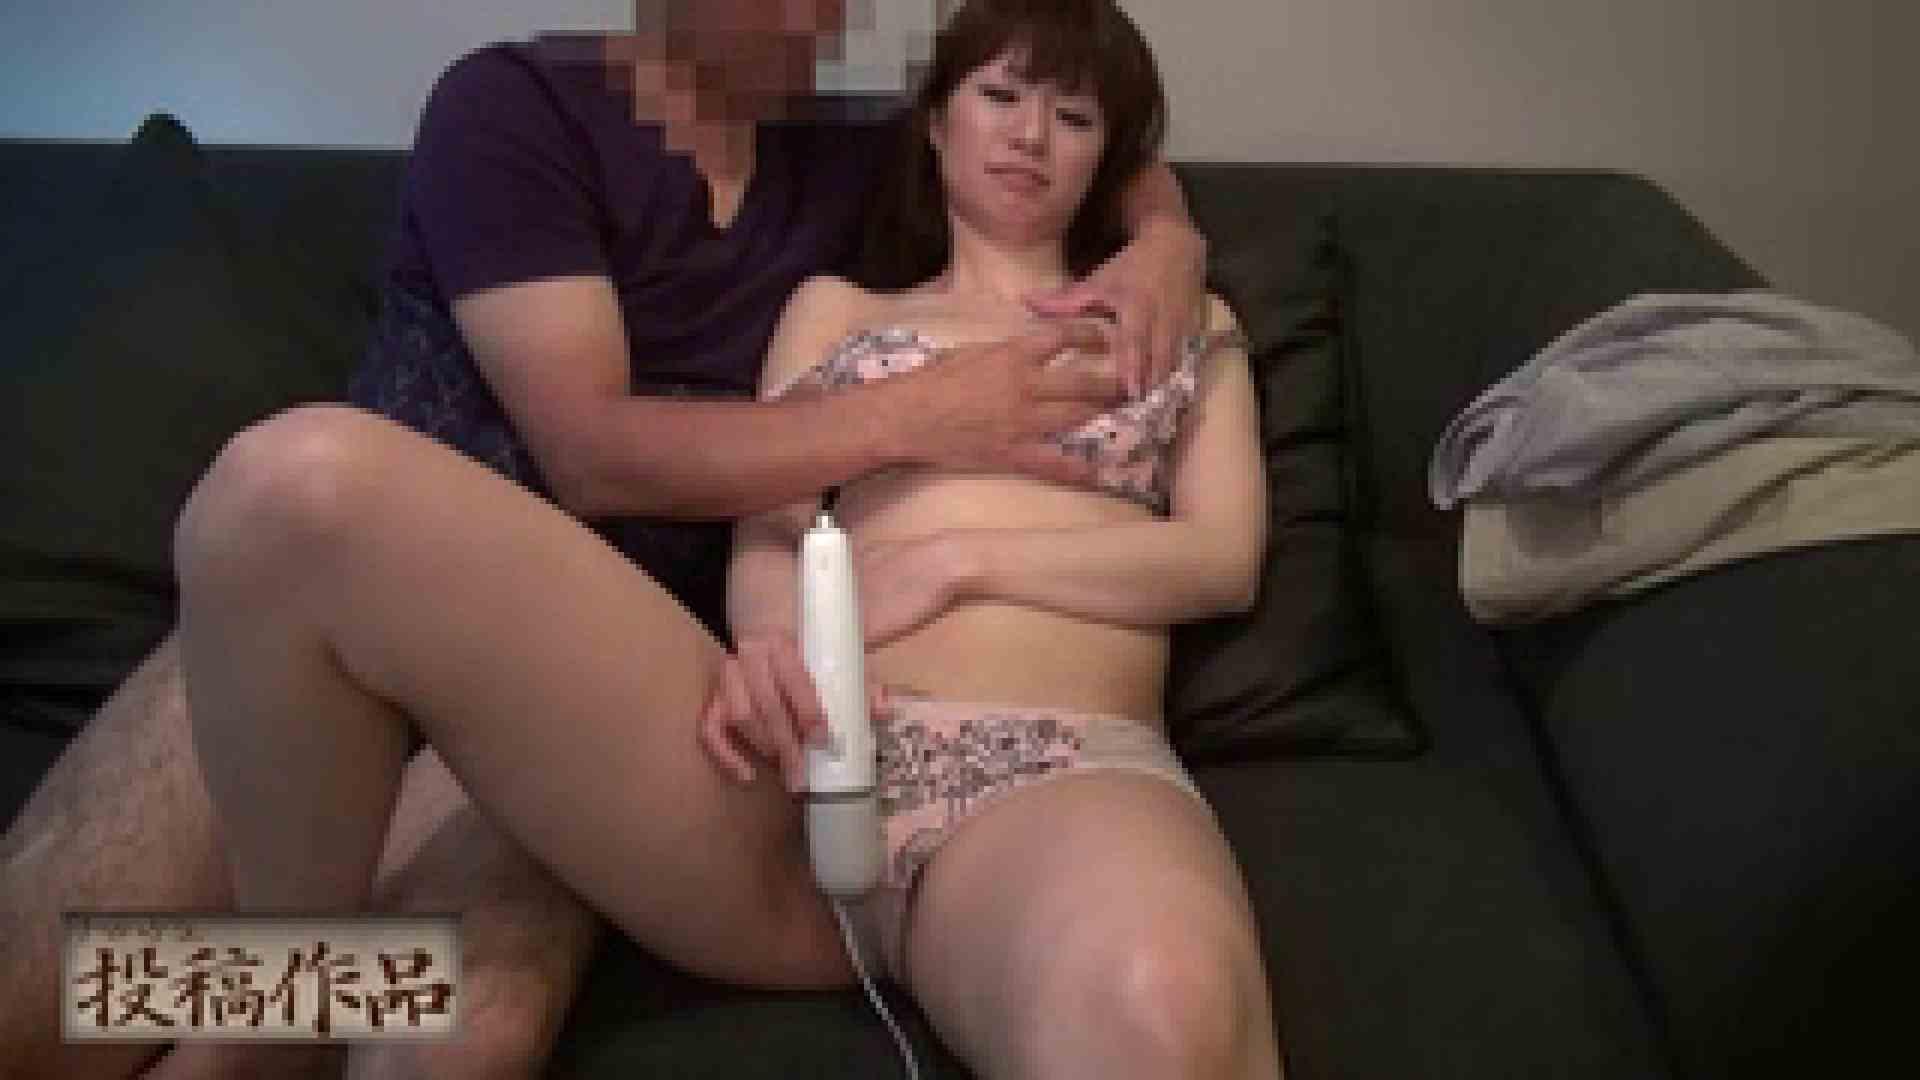 ナマハゲさんのまんこコレクション第3弾 sachiko 乳首 | SEXプレイ  86連発 71